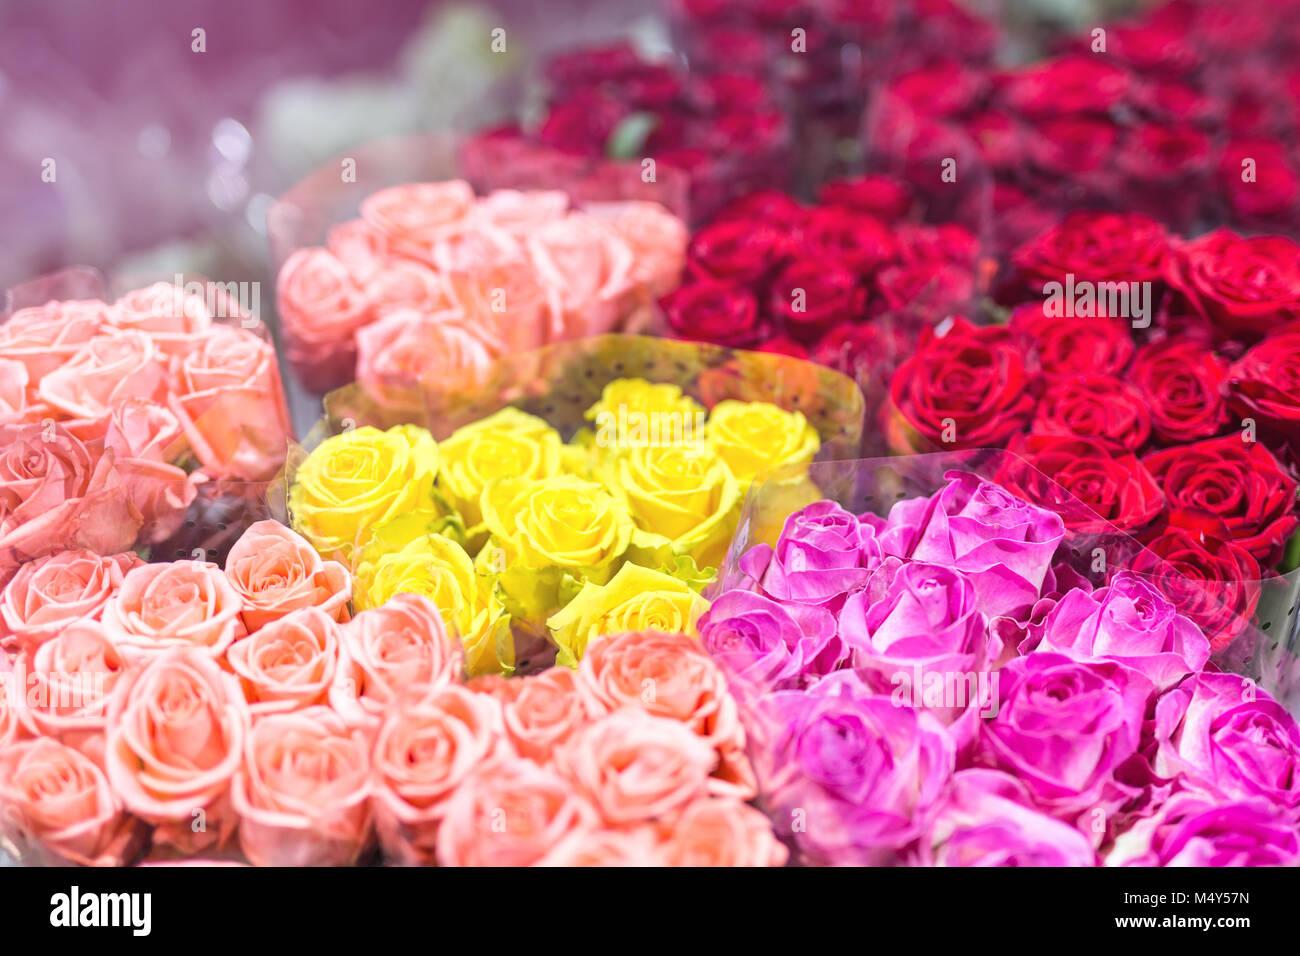 Multiclored Bouquets De Roses Fond De Fleurs Fraîches